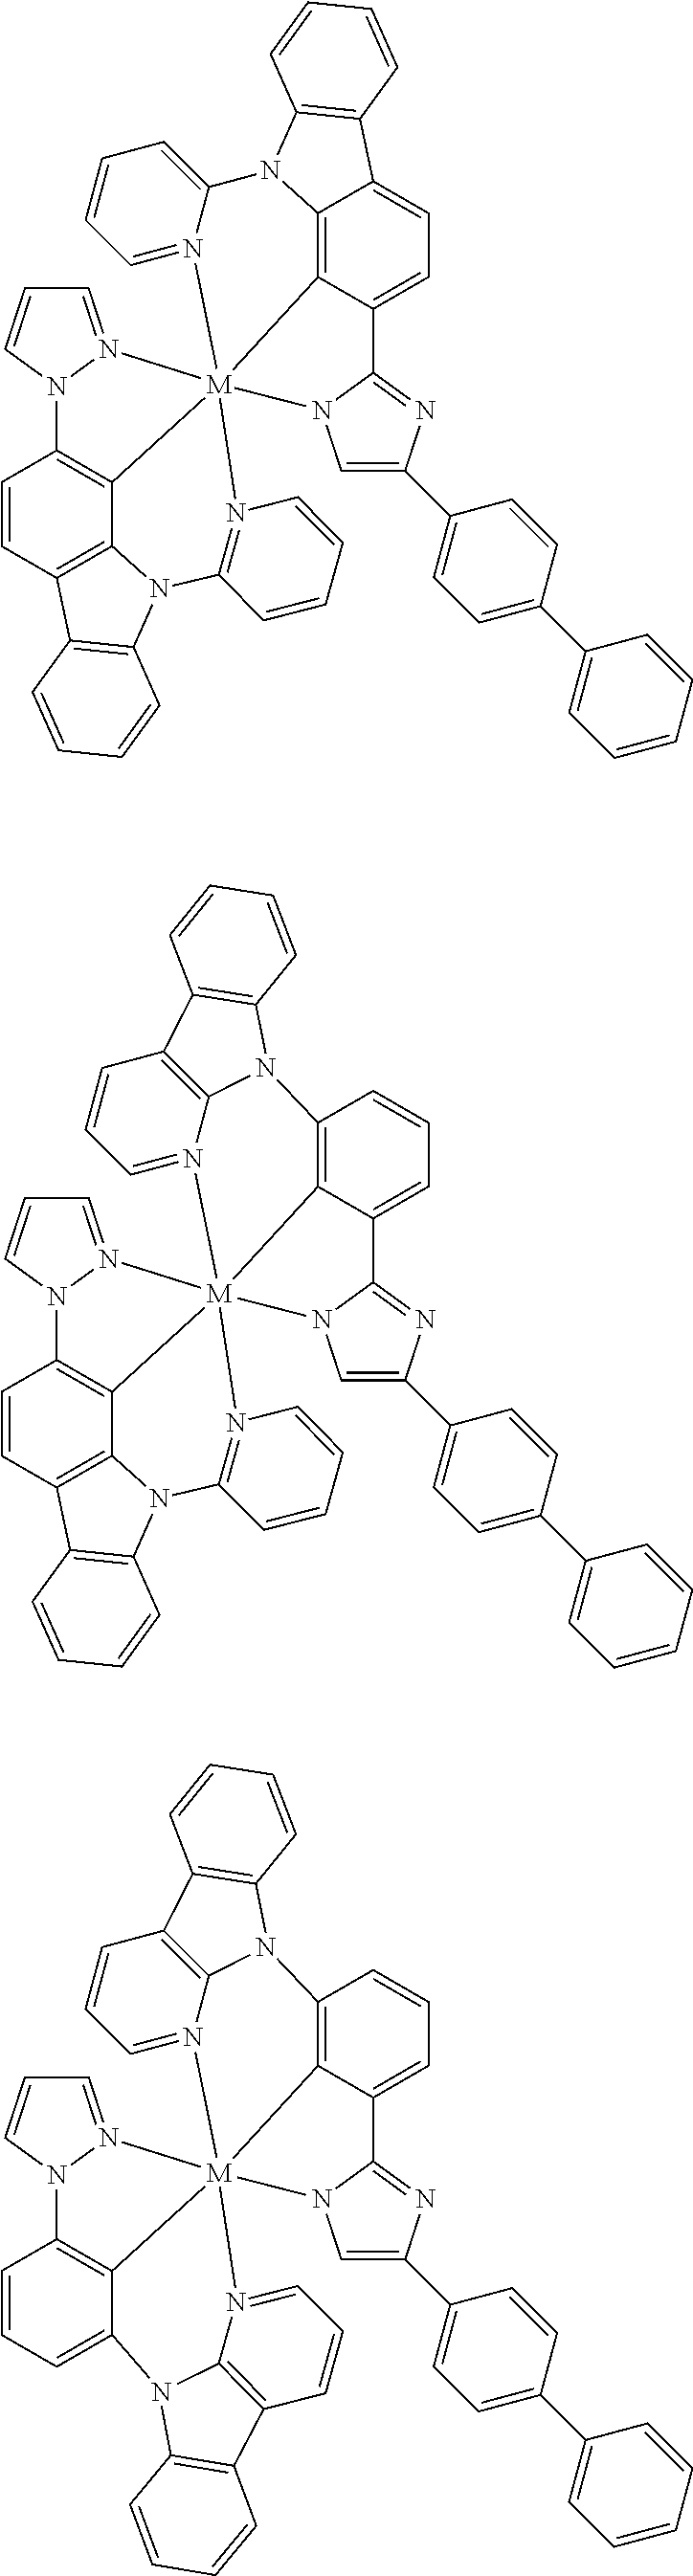 Figure US09818959-20171114-C00269